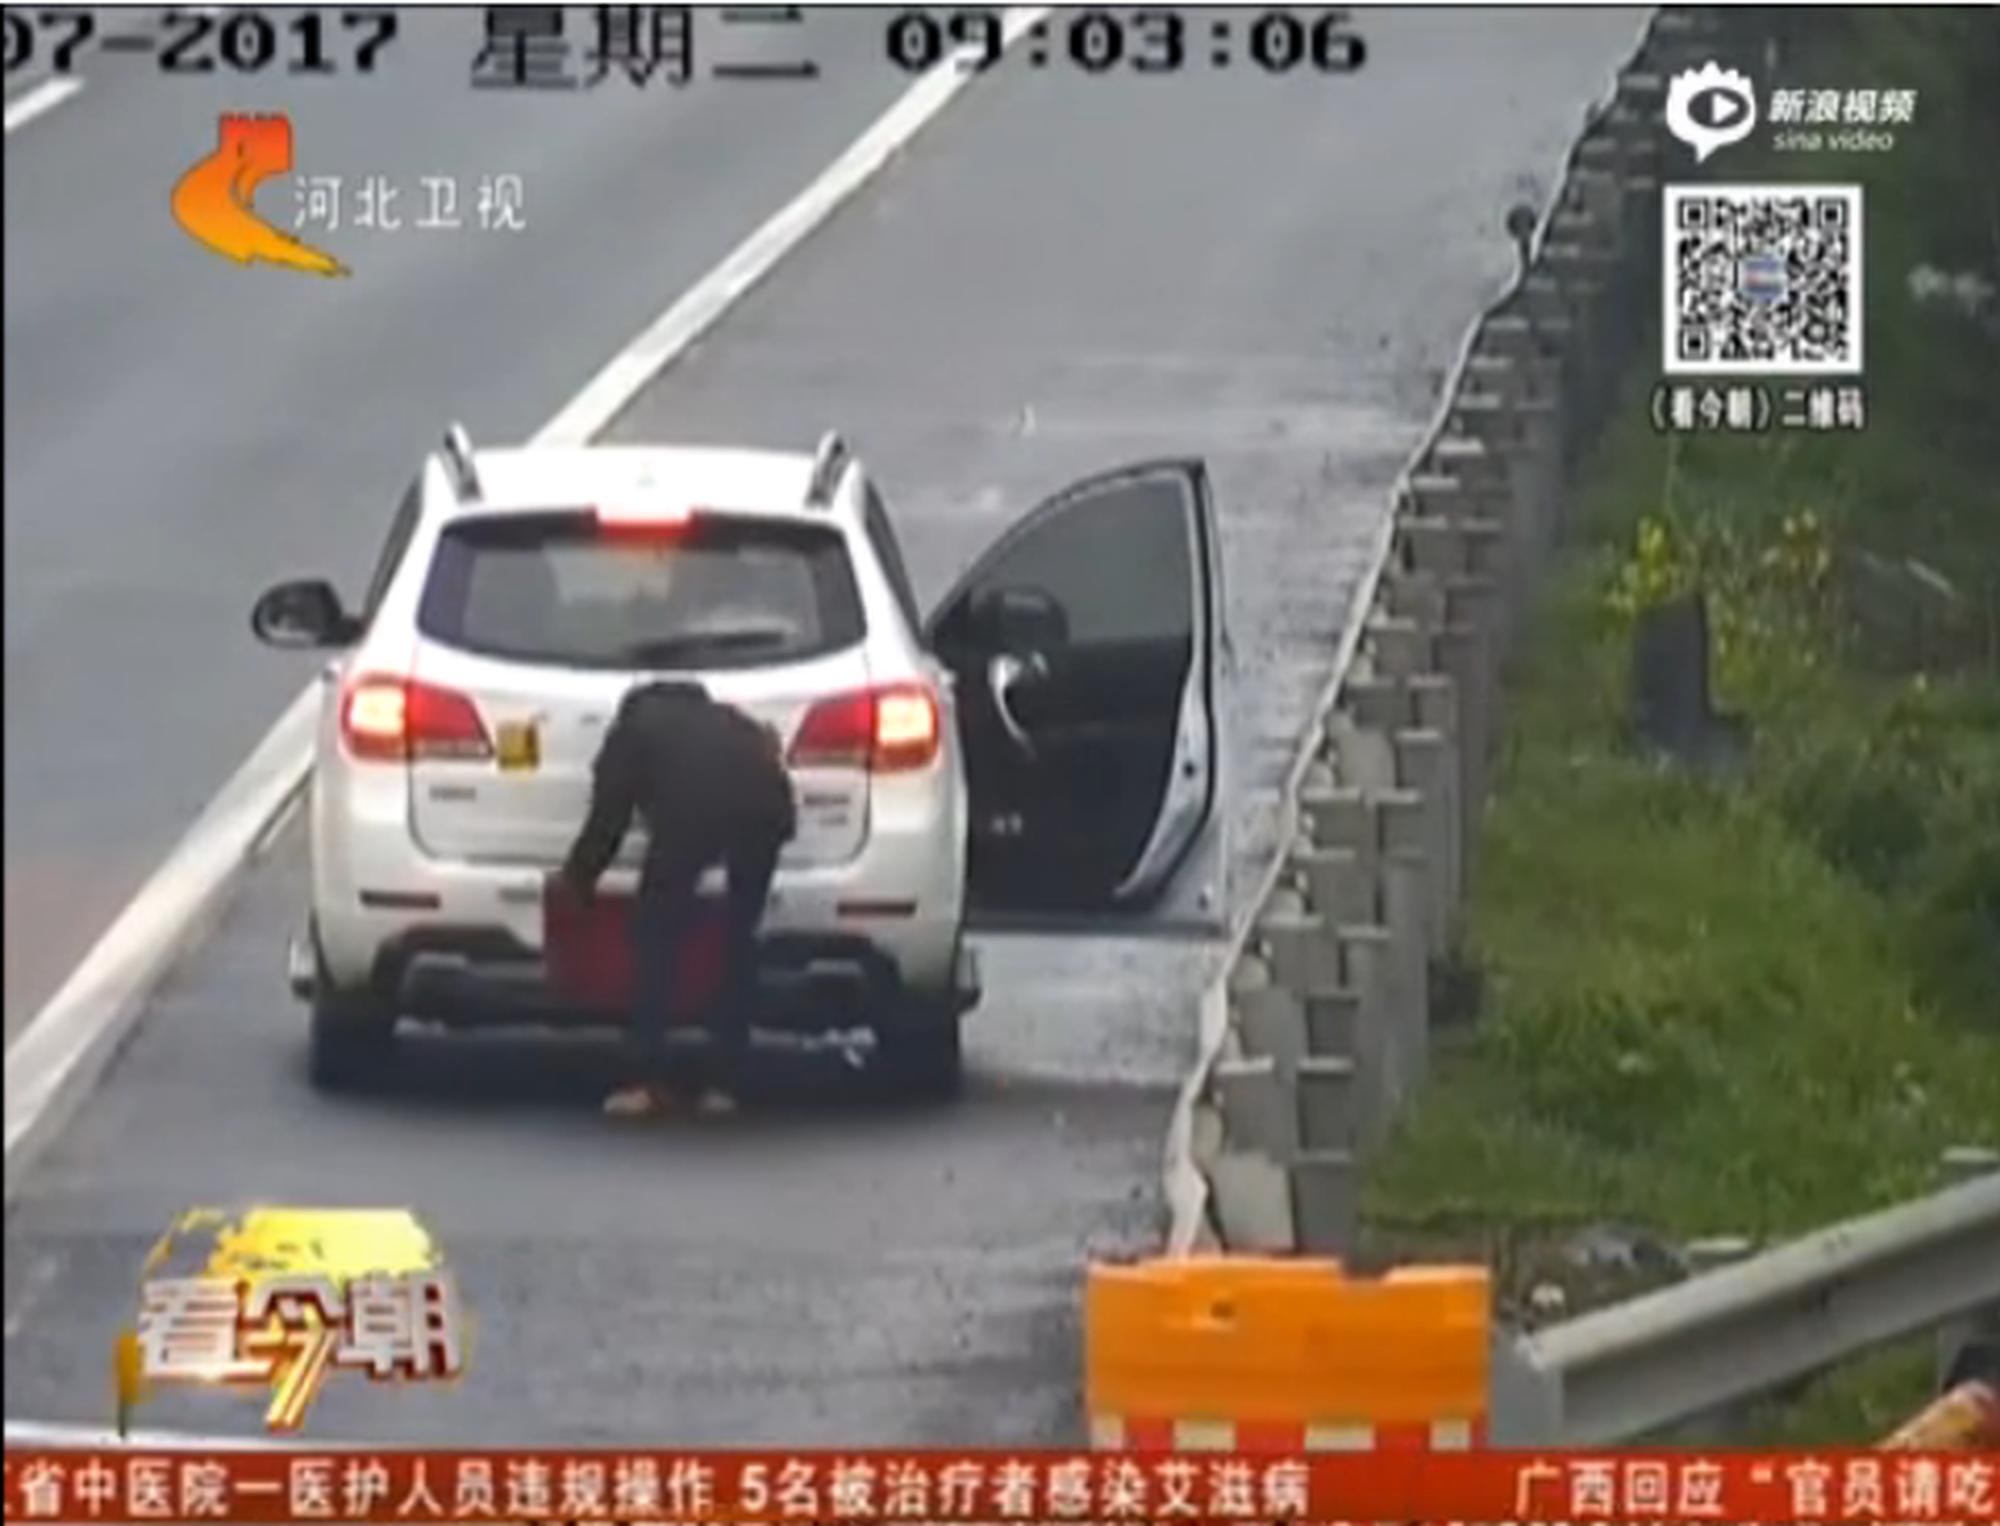 监拍:男子高速上拿毛巾遮挡号牌又倒车